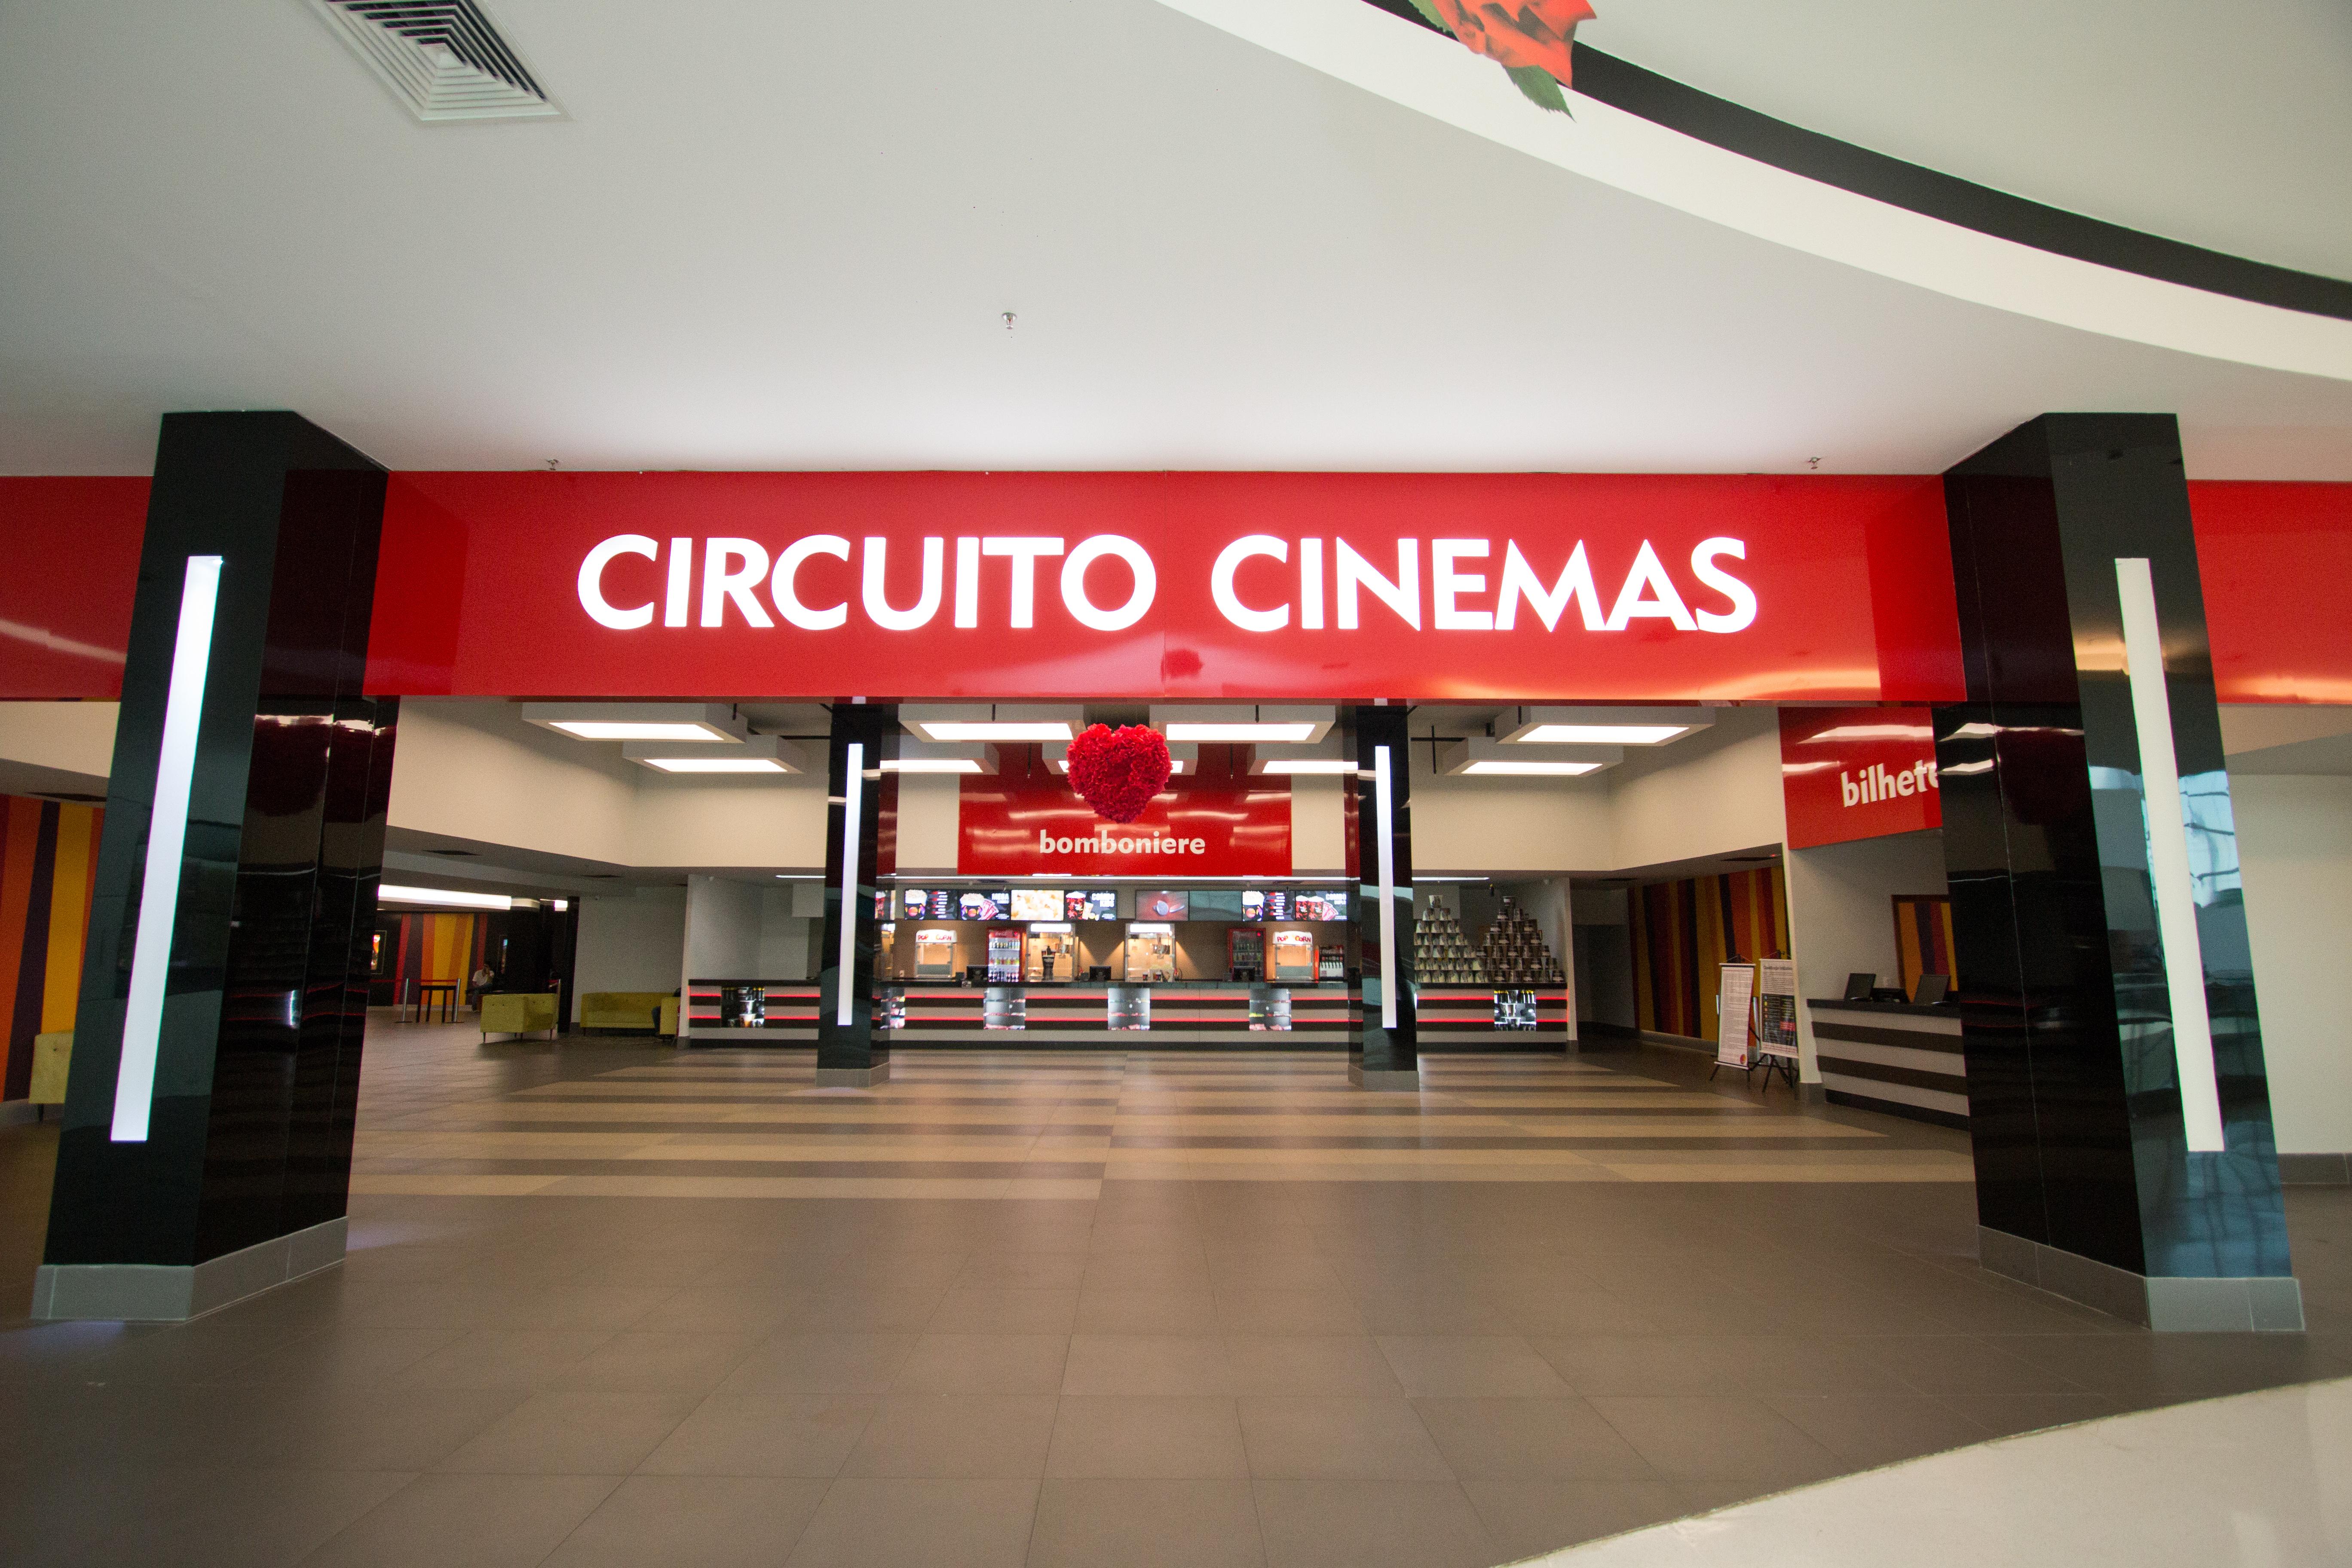 Circuito Cinema Sp : Circuito limeira limeira sp